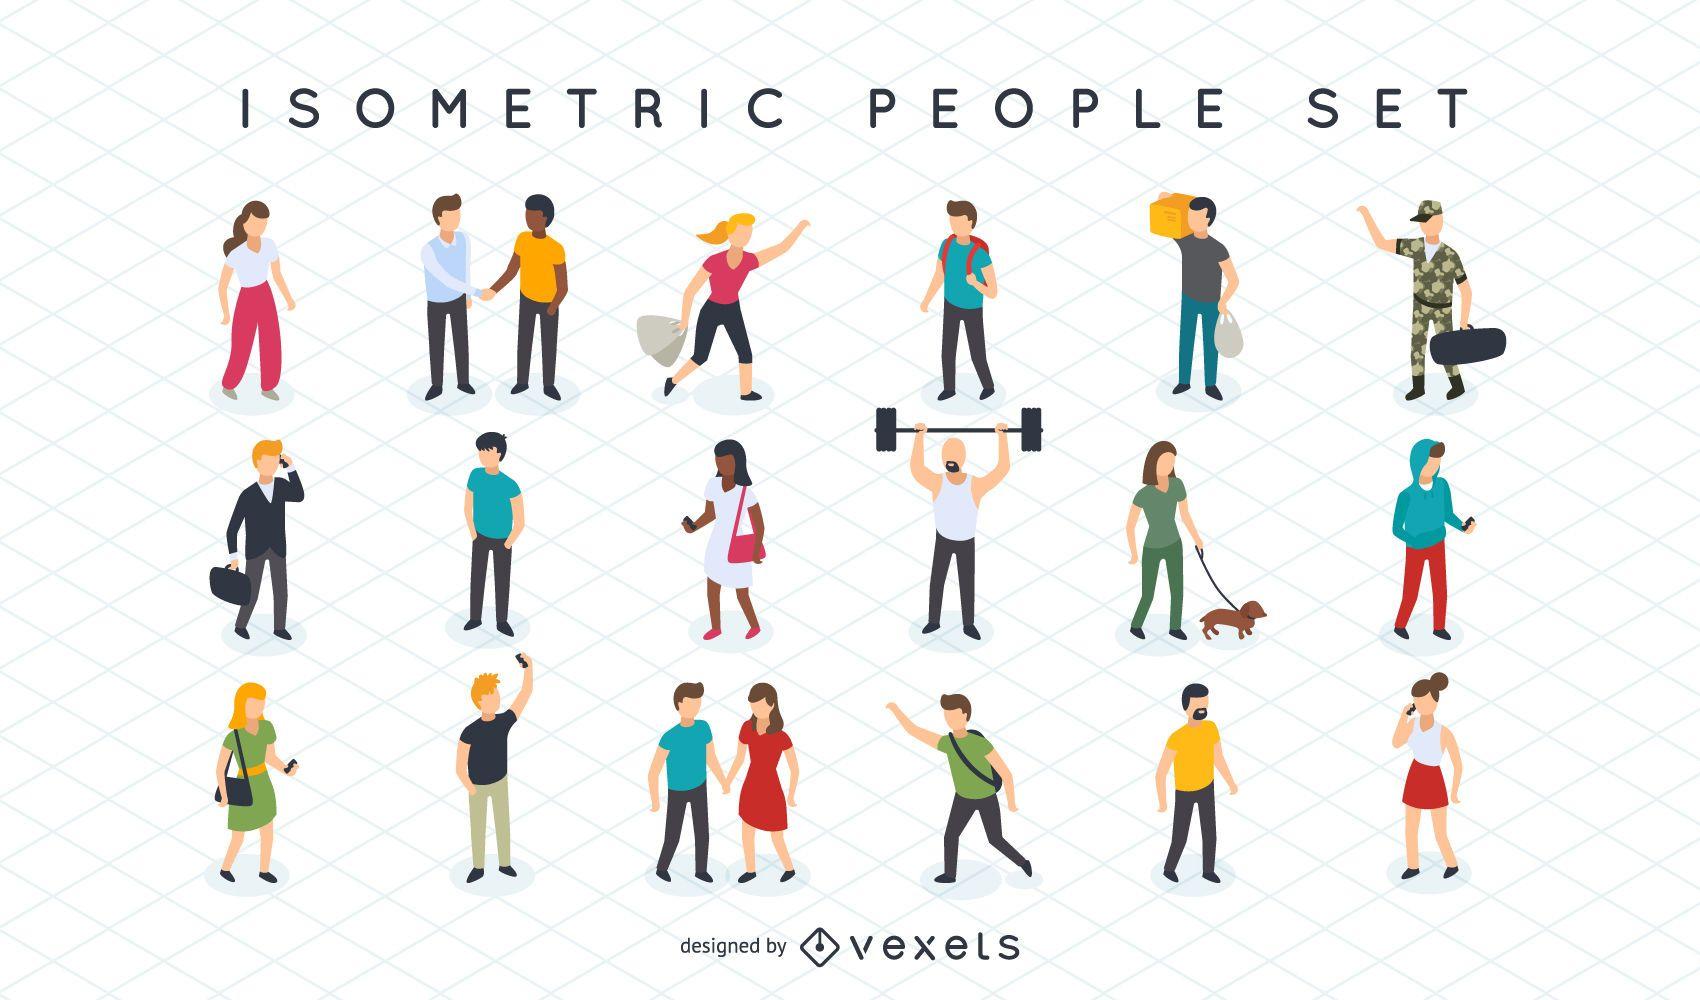 Isometric people illustration set